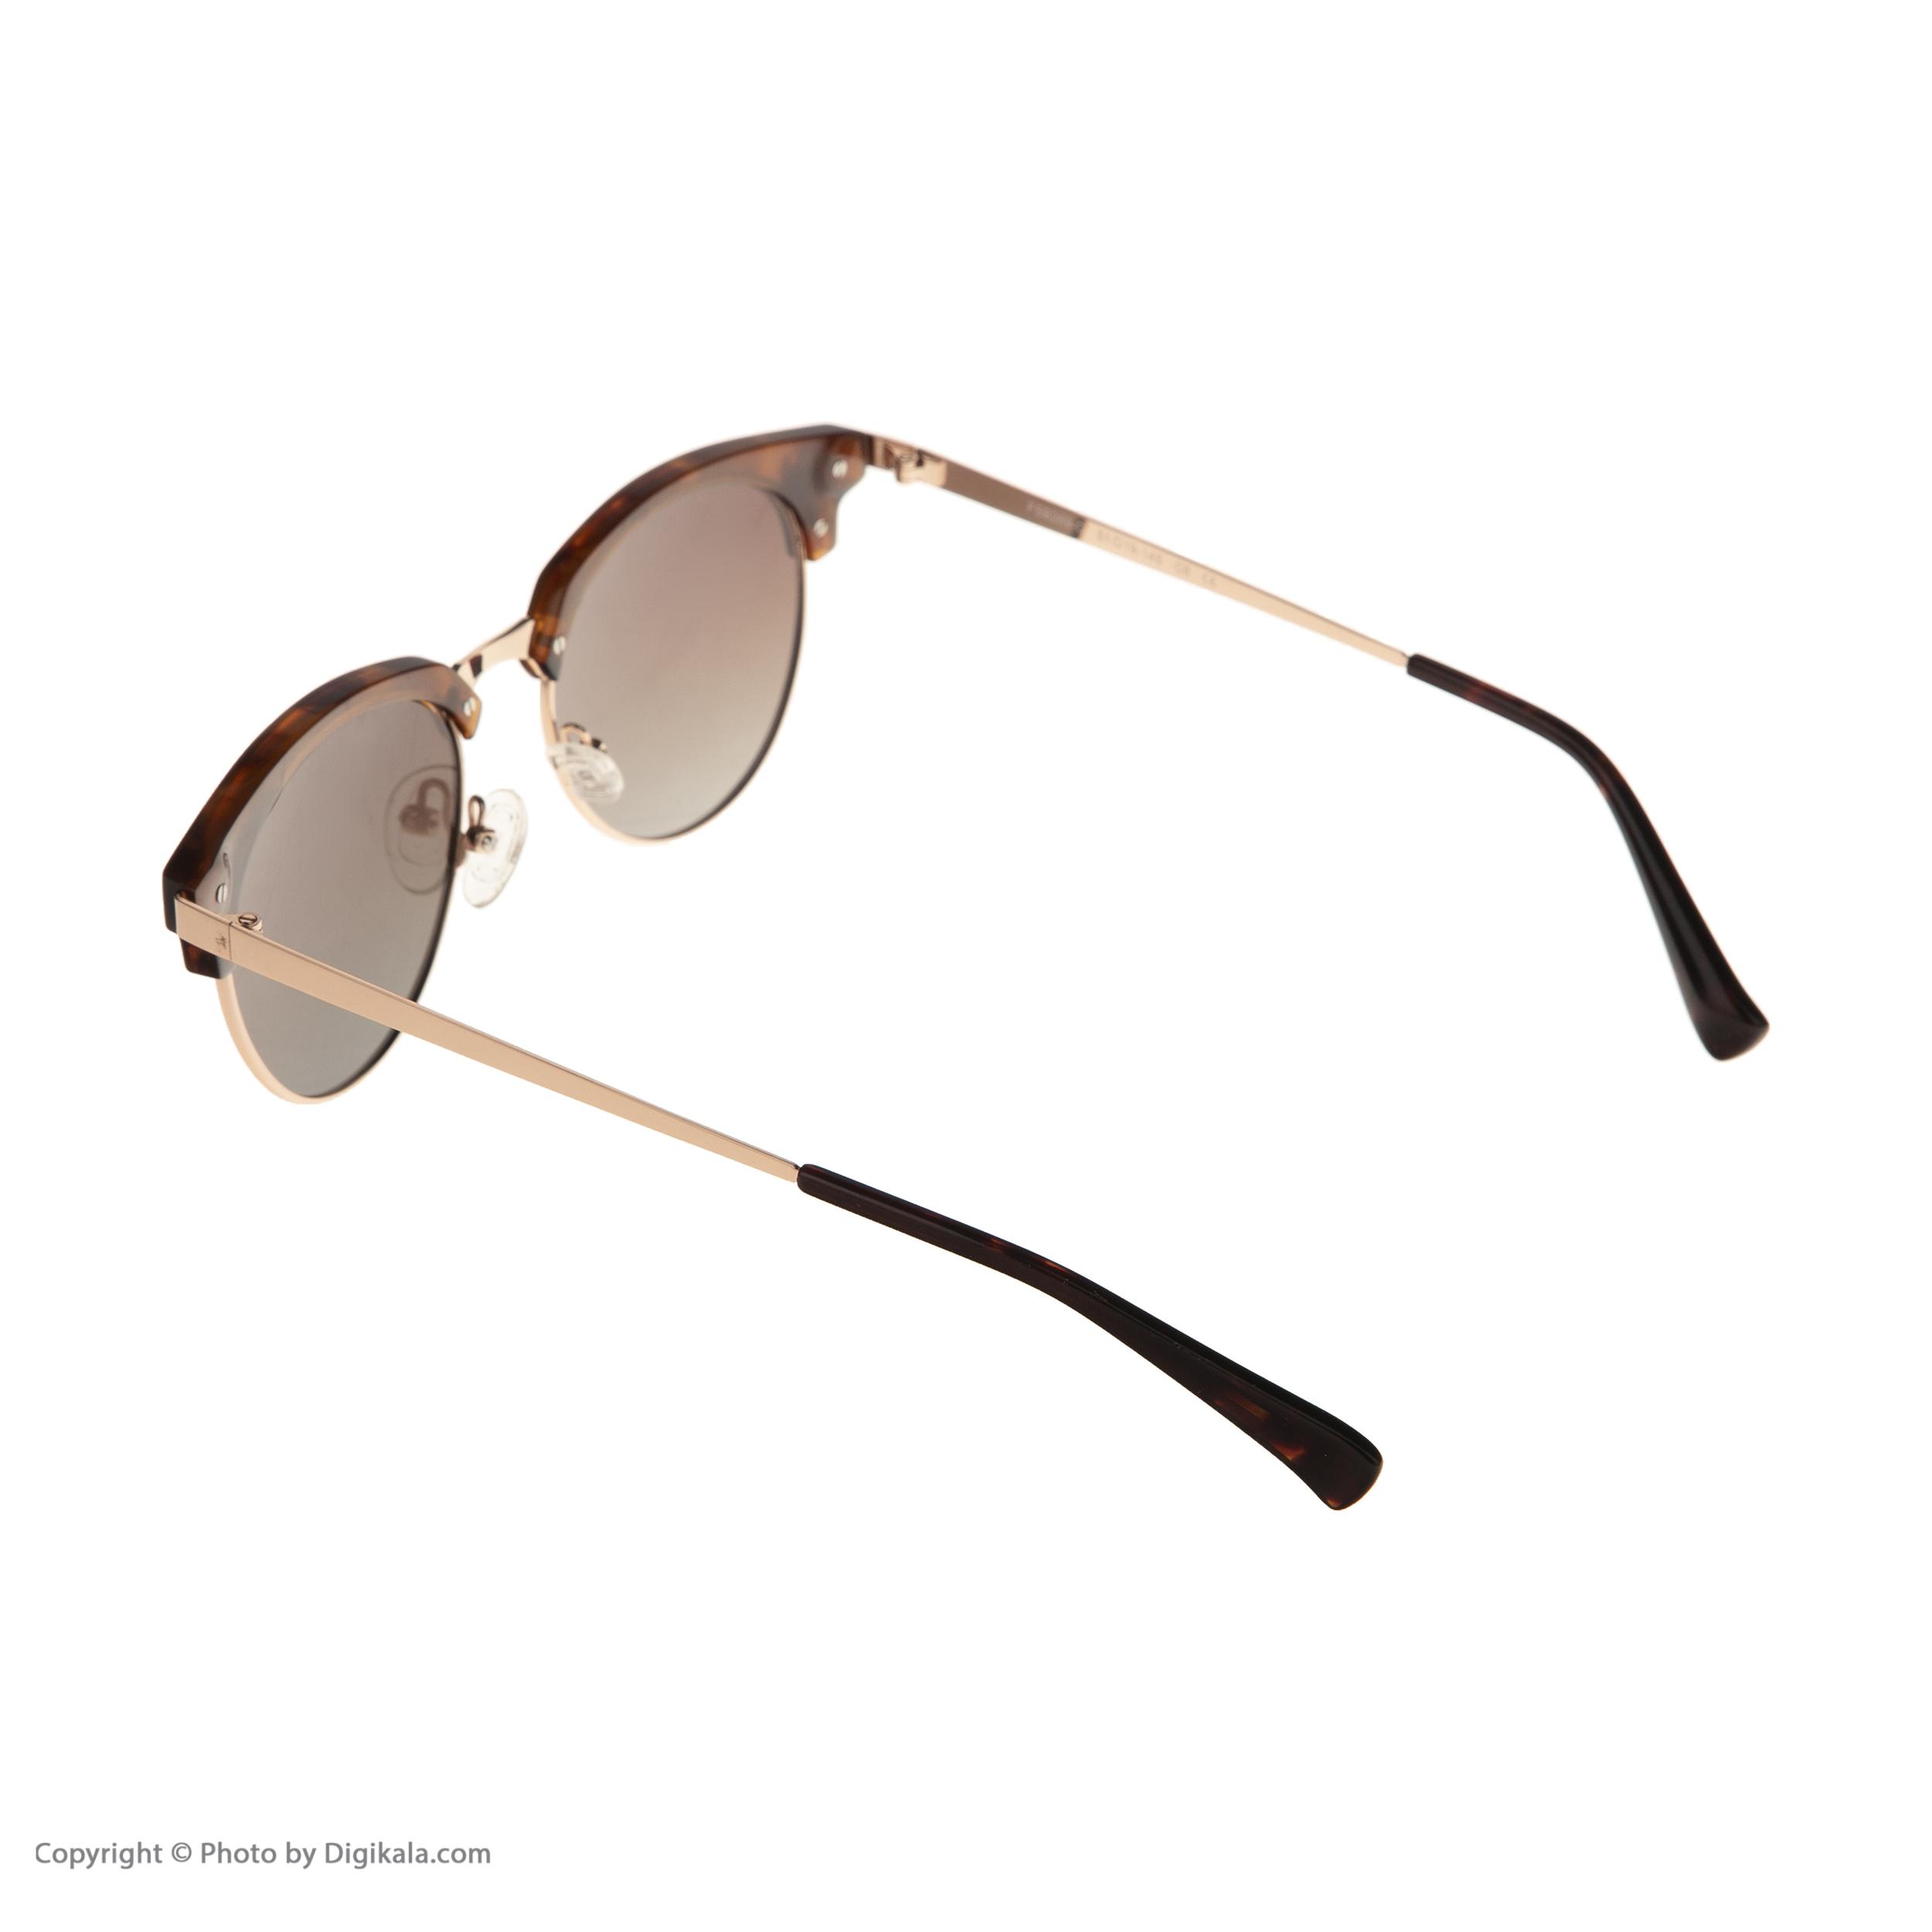 عینک آفتابی مردانه اف اس بی مدل 289-c C6 -  - 4